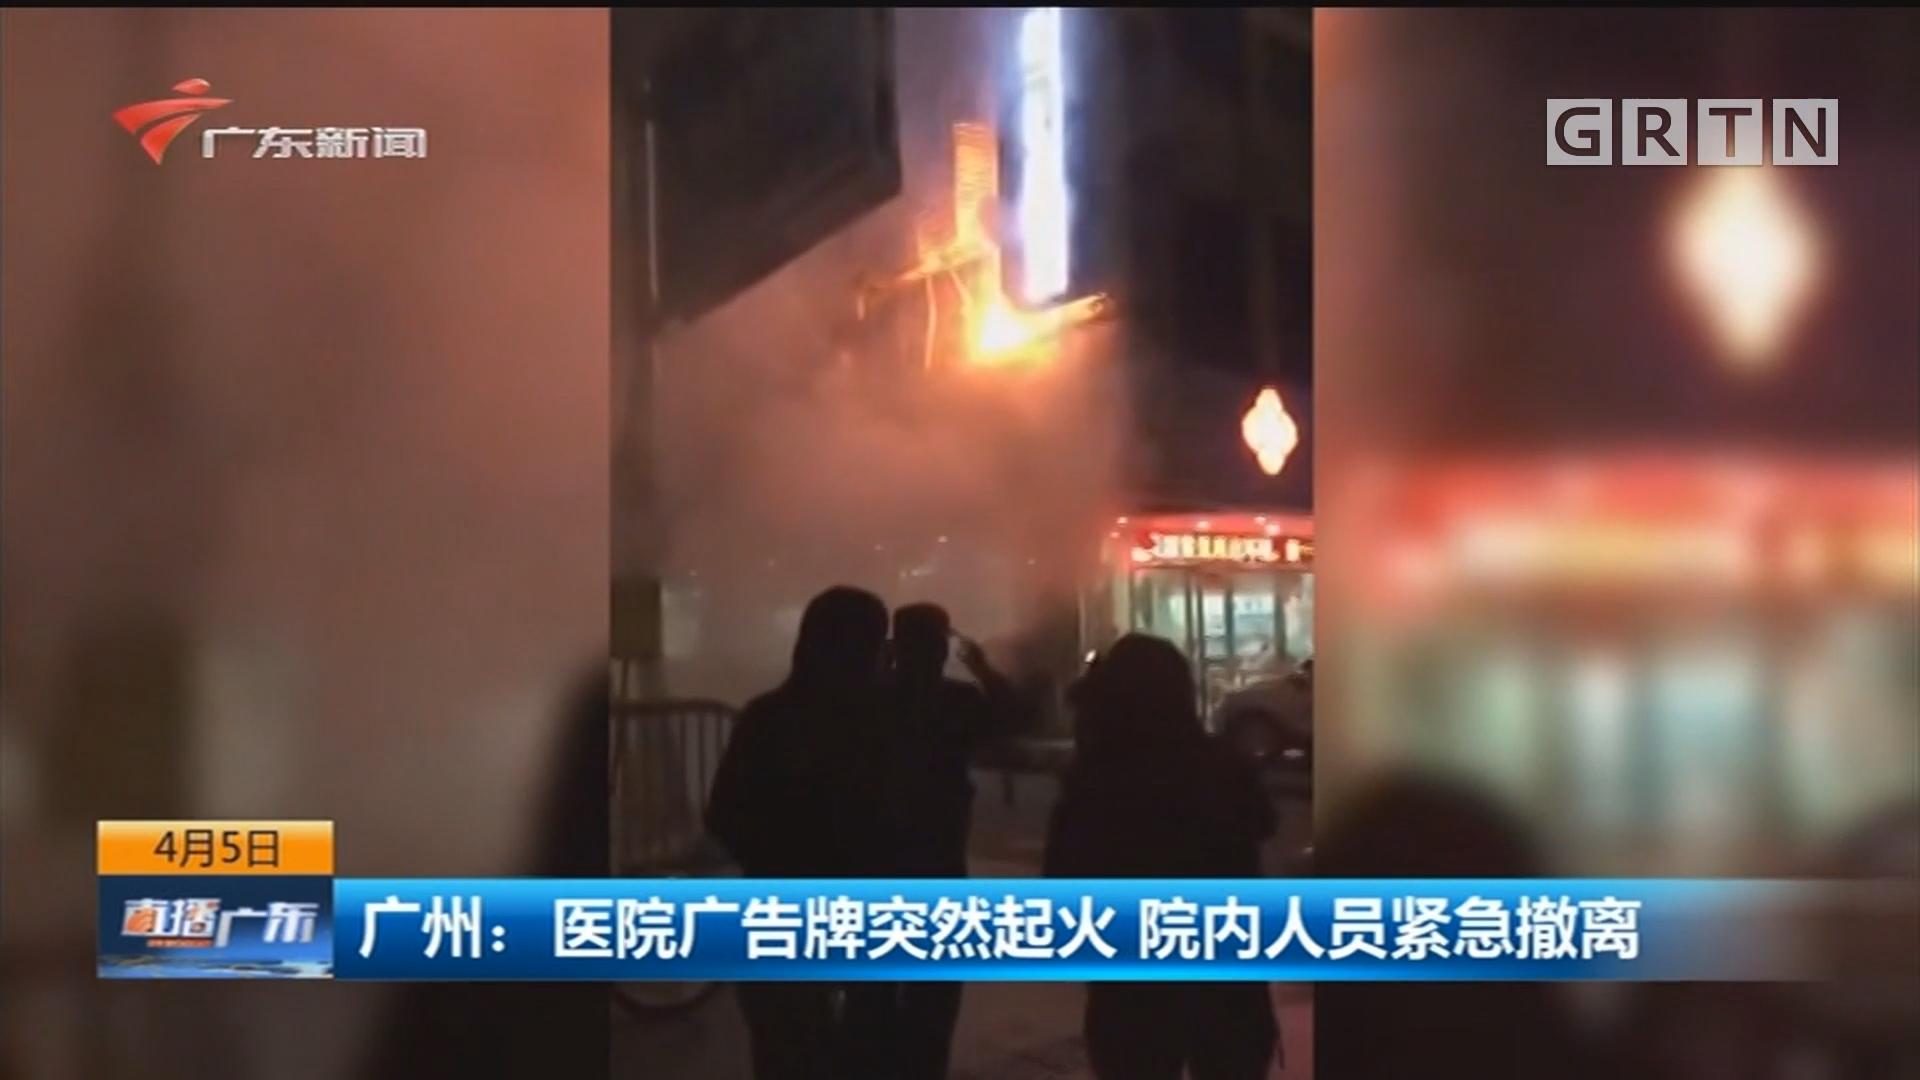 广州:医院广告牌突然起火 院内人员紧急撤离